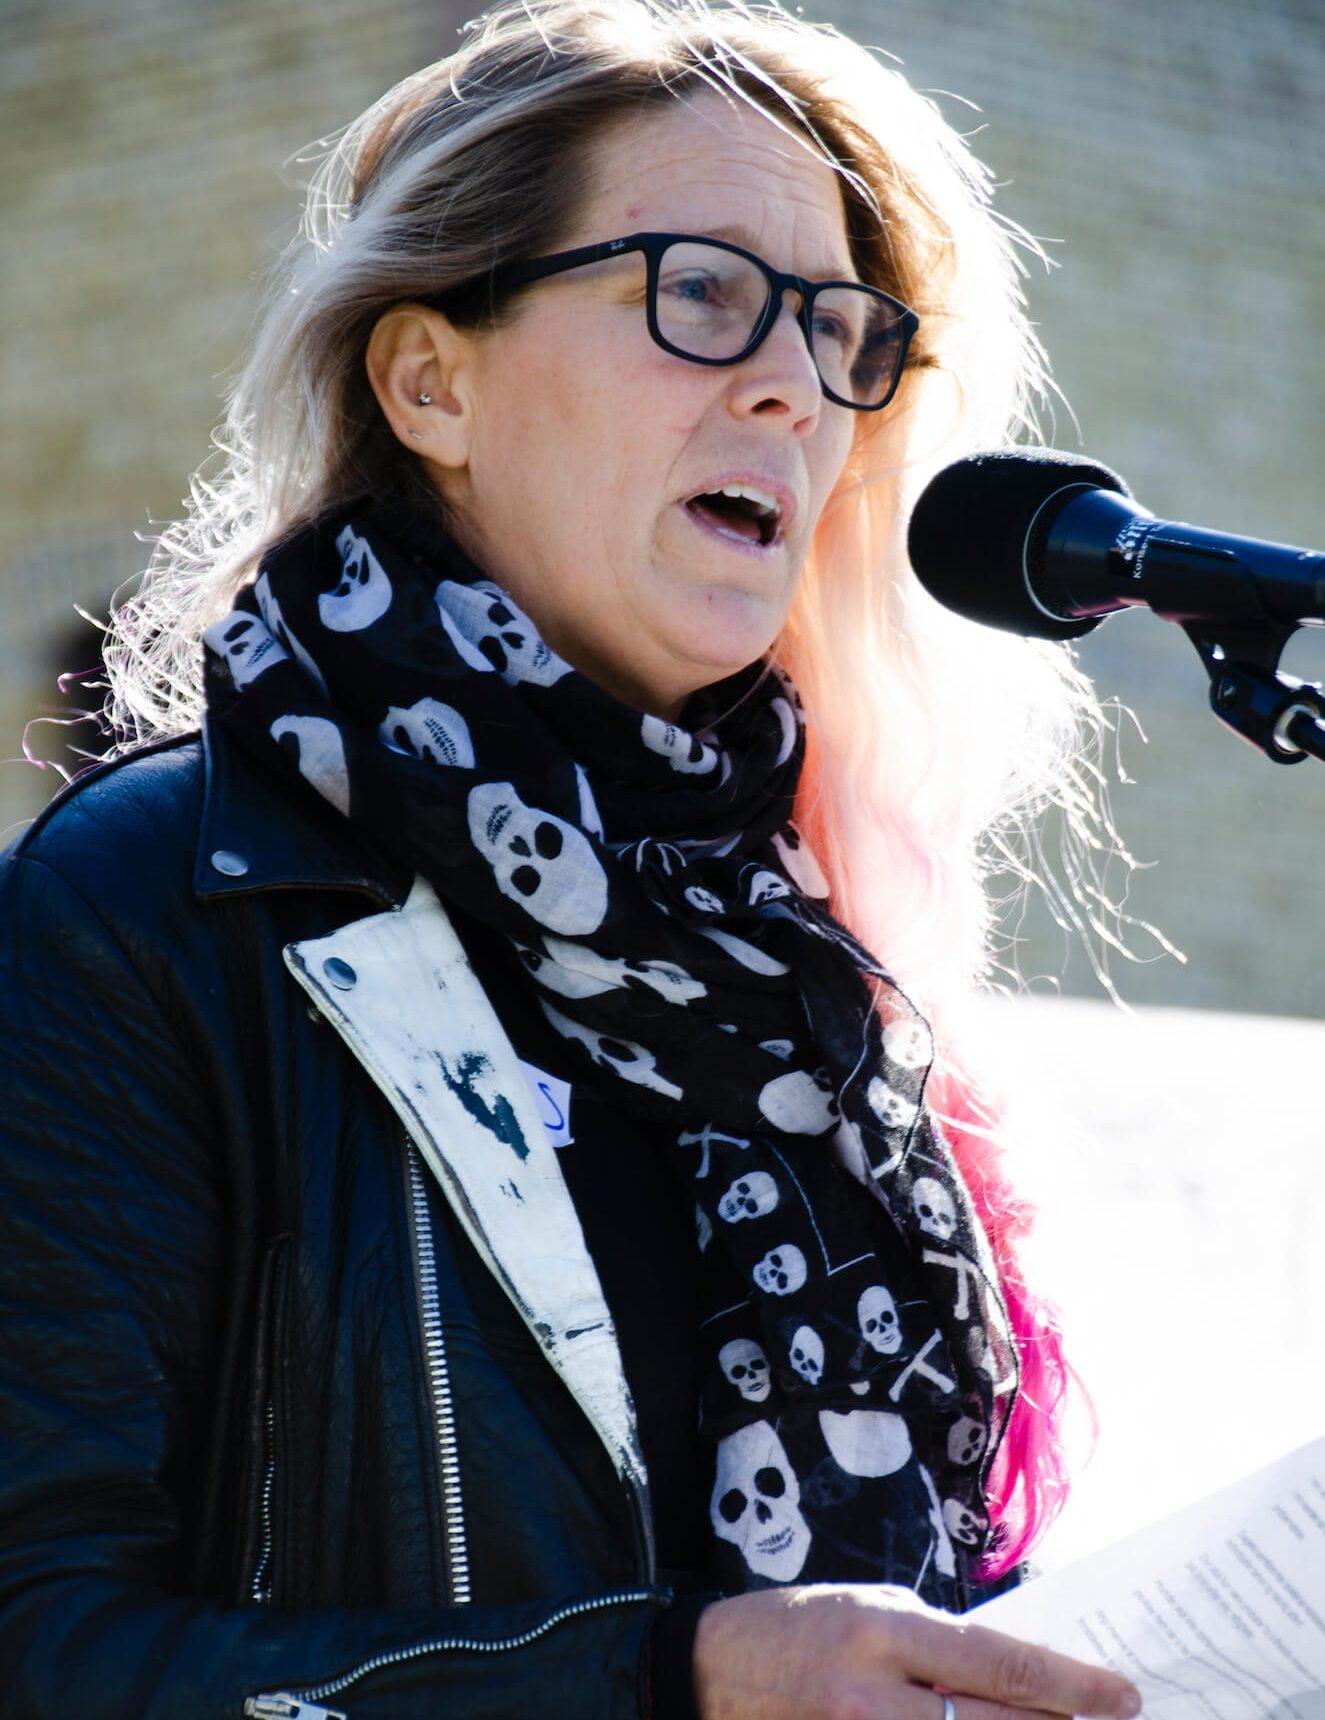 Hundepsykolog Tess Erngren står på scenen og snakker.